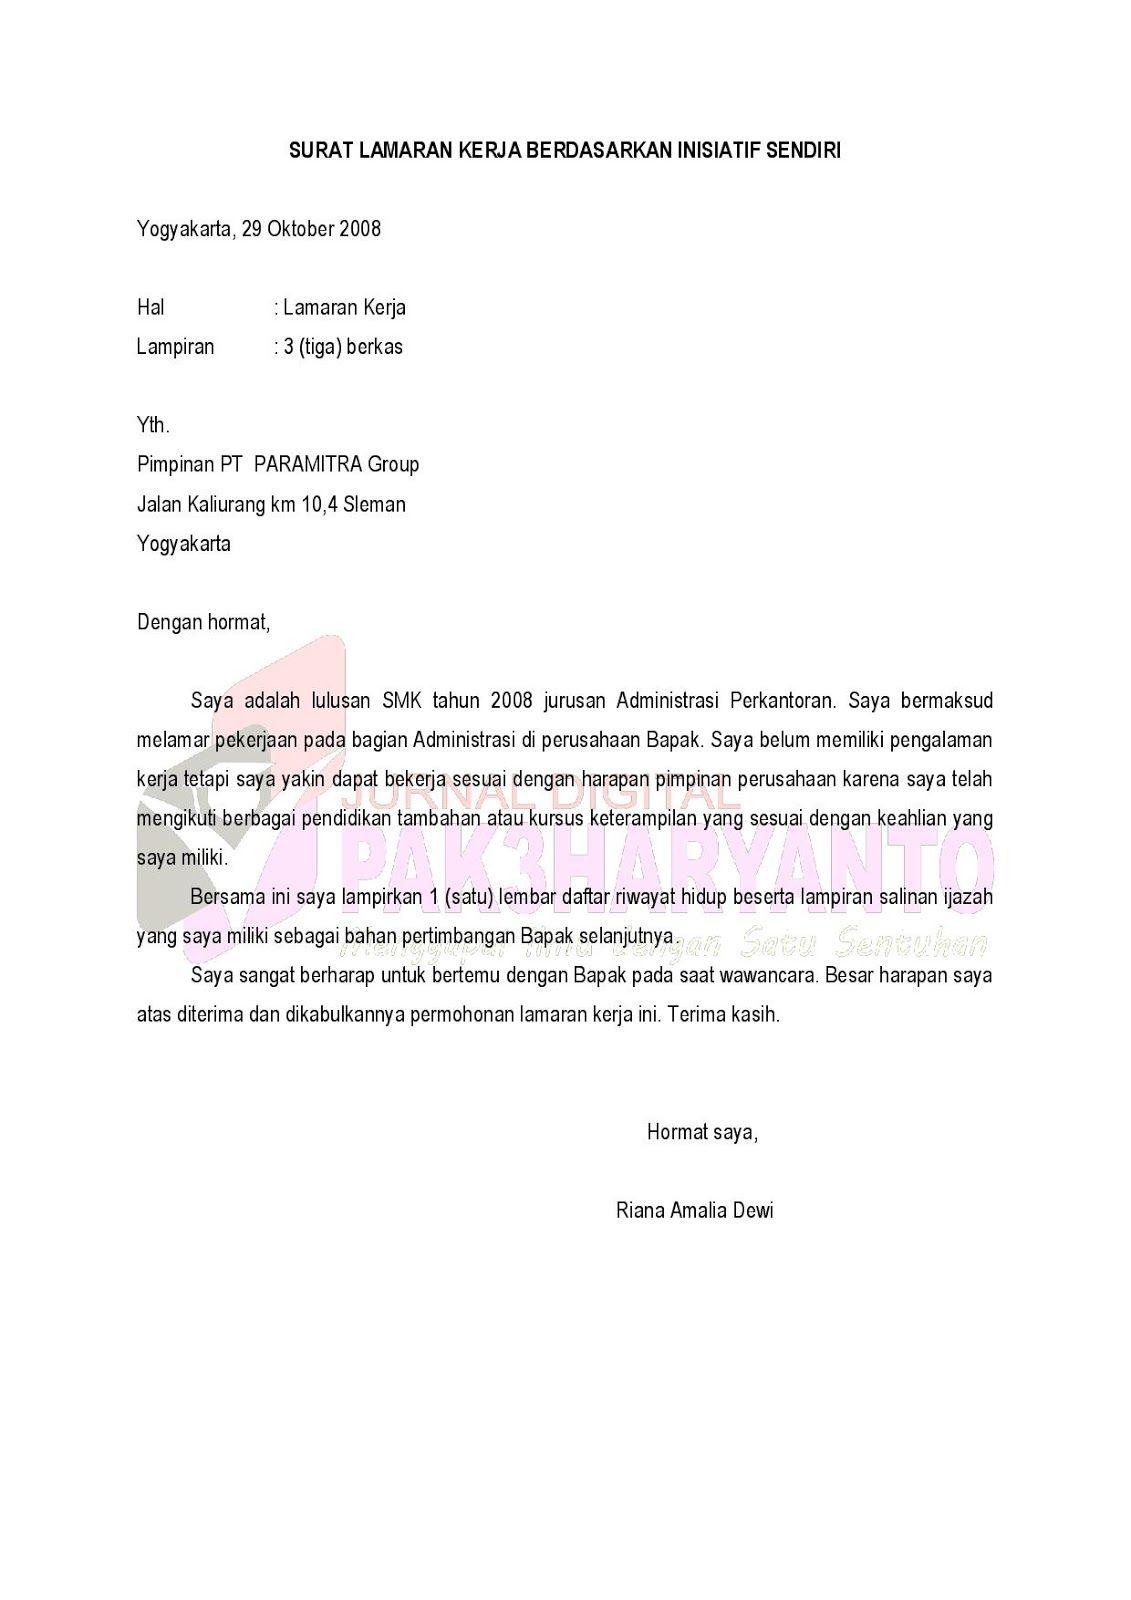 7 Surat Lamaran Kerja Atas Inisiatif Sendiri Tulisan